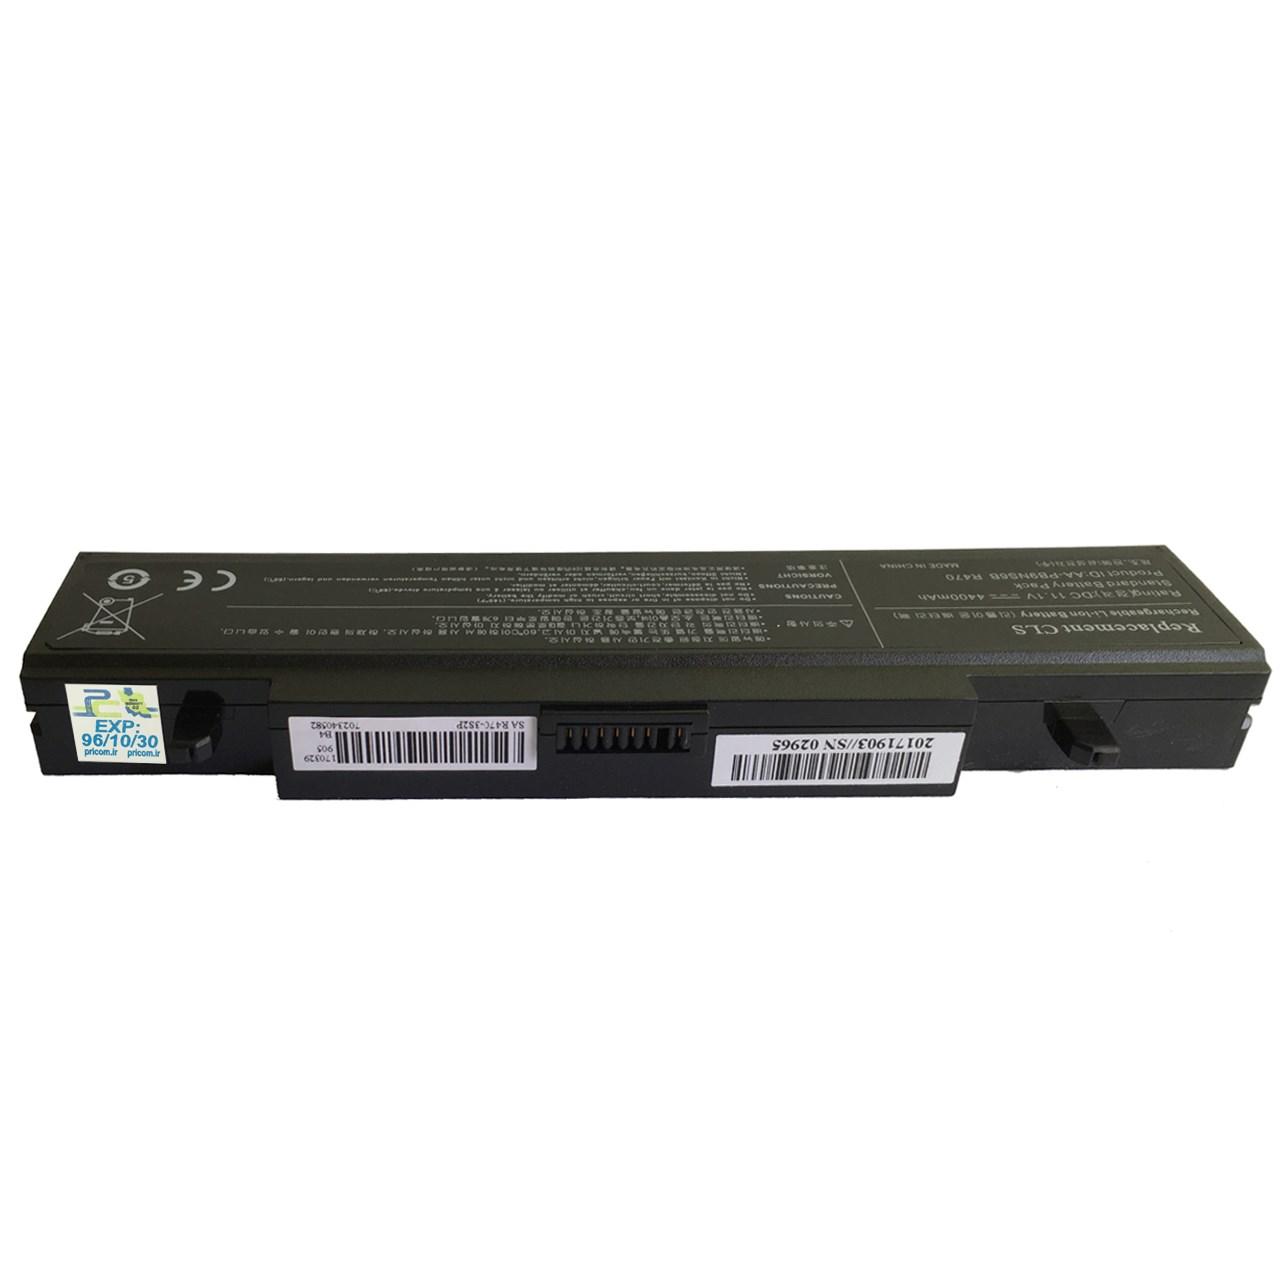 بررسی و {خرید با تخفیف} باتری لپ تاپ 6 سلولی لپ تاپ سامسونگ R470 غیر اصلاصل